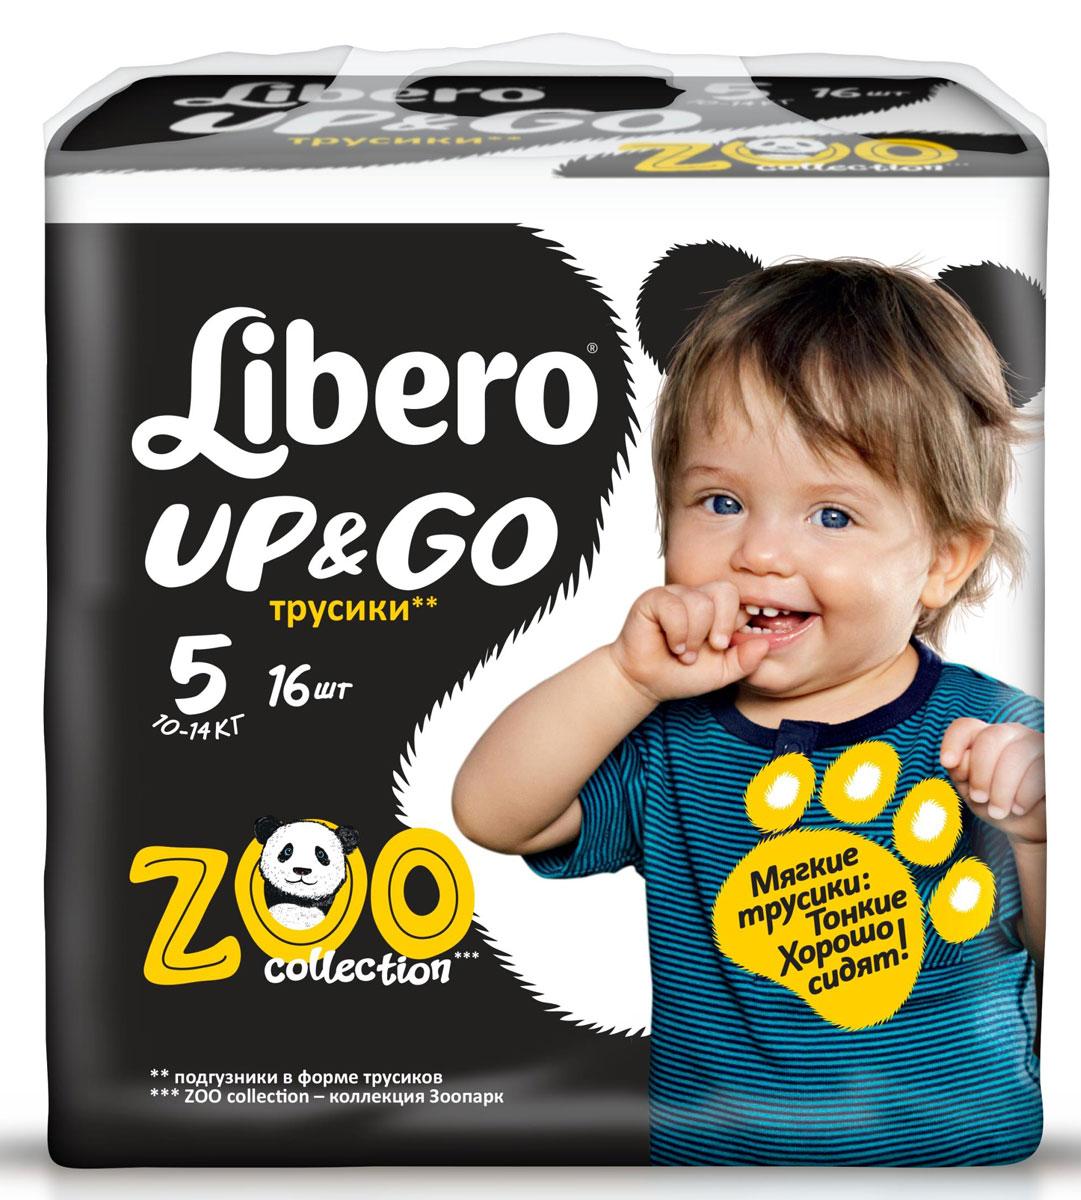 Libero Подгузники-трусики Up&Go Zoo Collection (10-14 кг) 16 шт5586Libero Up&Go Подгузники-трусики Zoo Collection сидят как настоящие детские трусики и заботятся о сухости и комфорте вашего ребенка. Они созданы специально для активных малышей. Преимущества подгузников-трусиков Libero Up&Go Zoo Collection: Позволяют коже дышать, при этом хорошо впитывают; Мягкий эластичный поясок из дышащего материала; Легко надевать как обычные трусики; Легко снимаются при разрывании боковых швов; Клеящая лента позволяет с легкостью свернуть подгузник после использования; В упаковке 6 ярких дизайнов трусиков с изображениями экзотических животных.